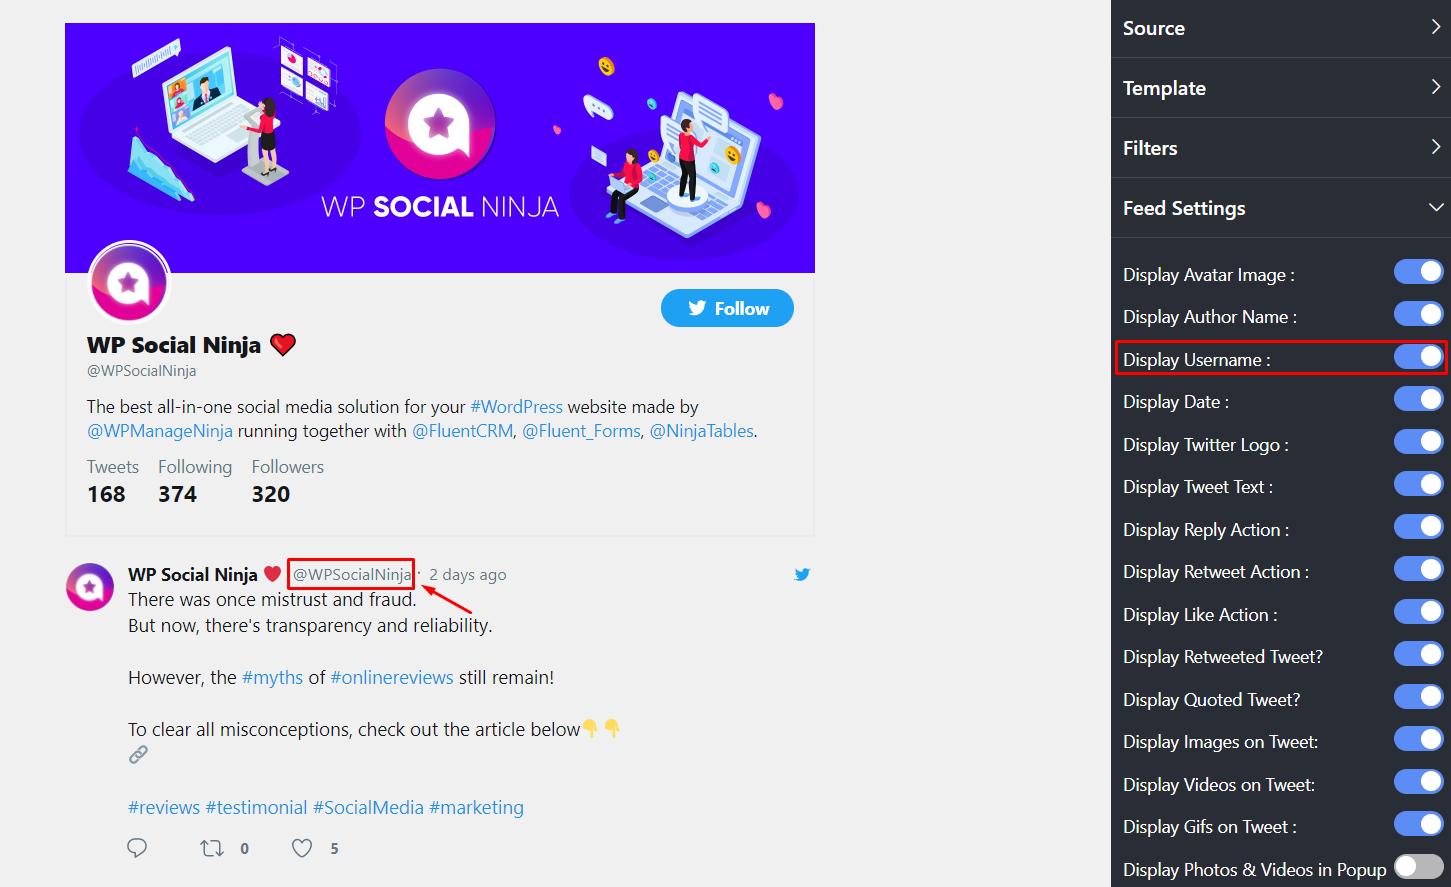 Twitter settings display username